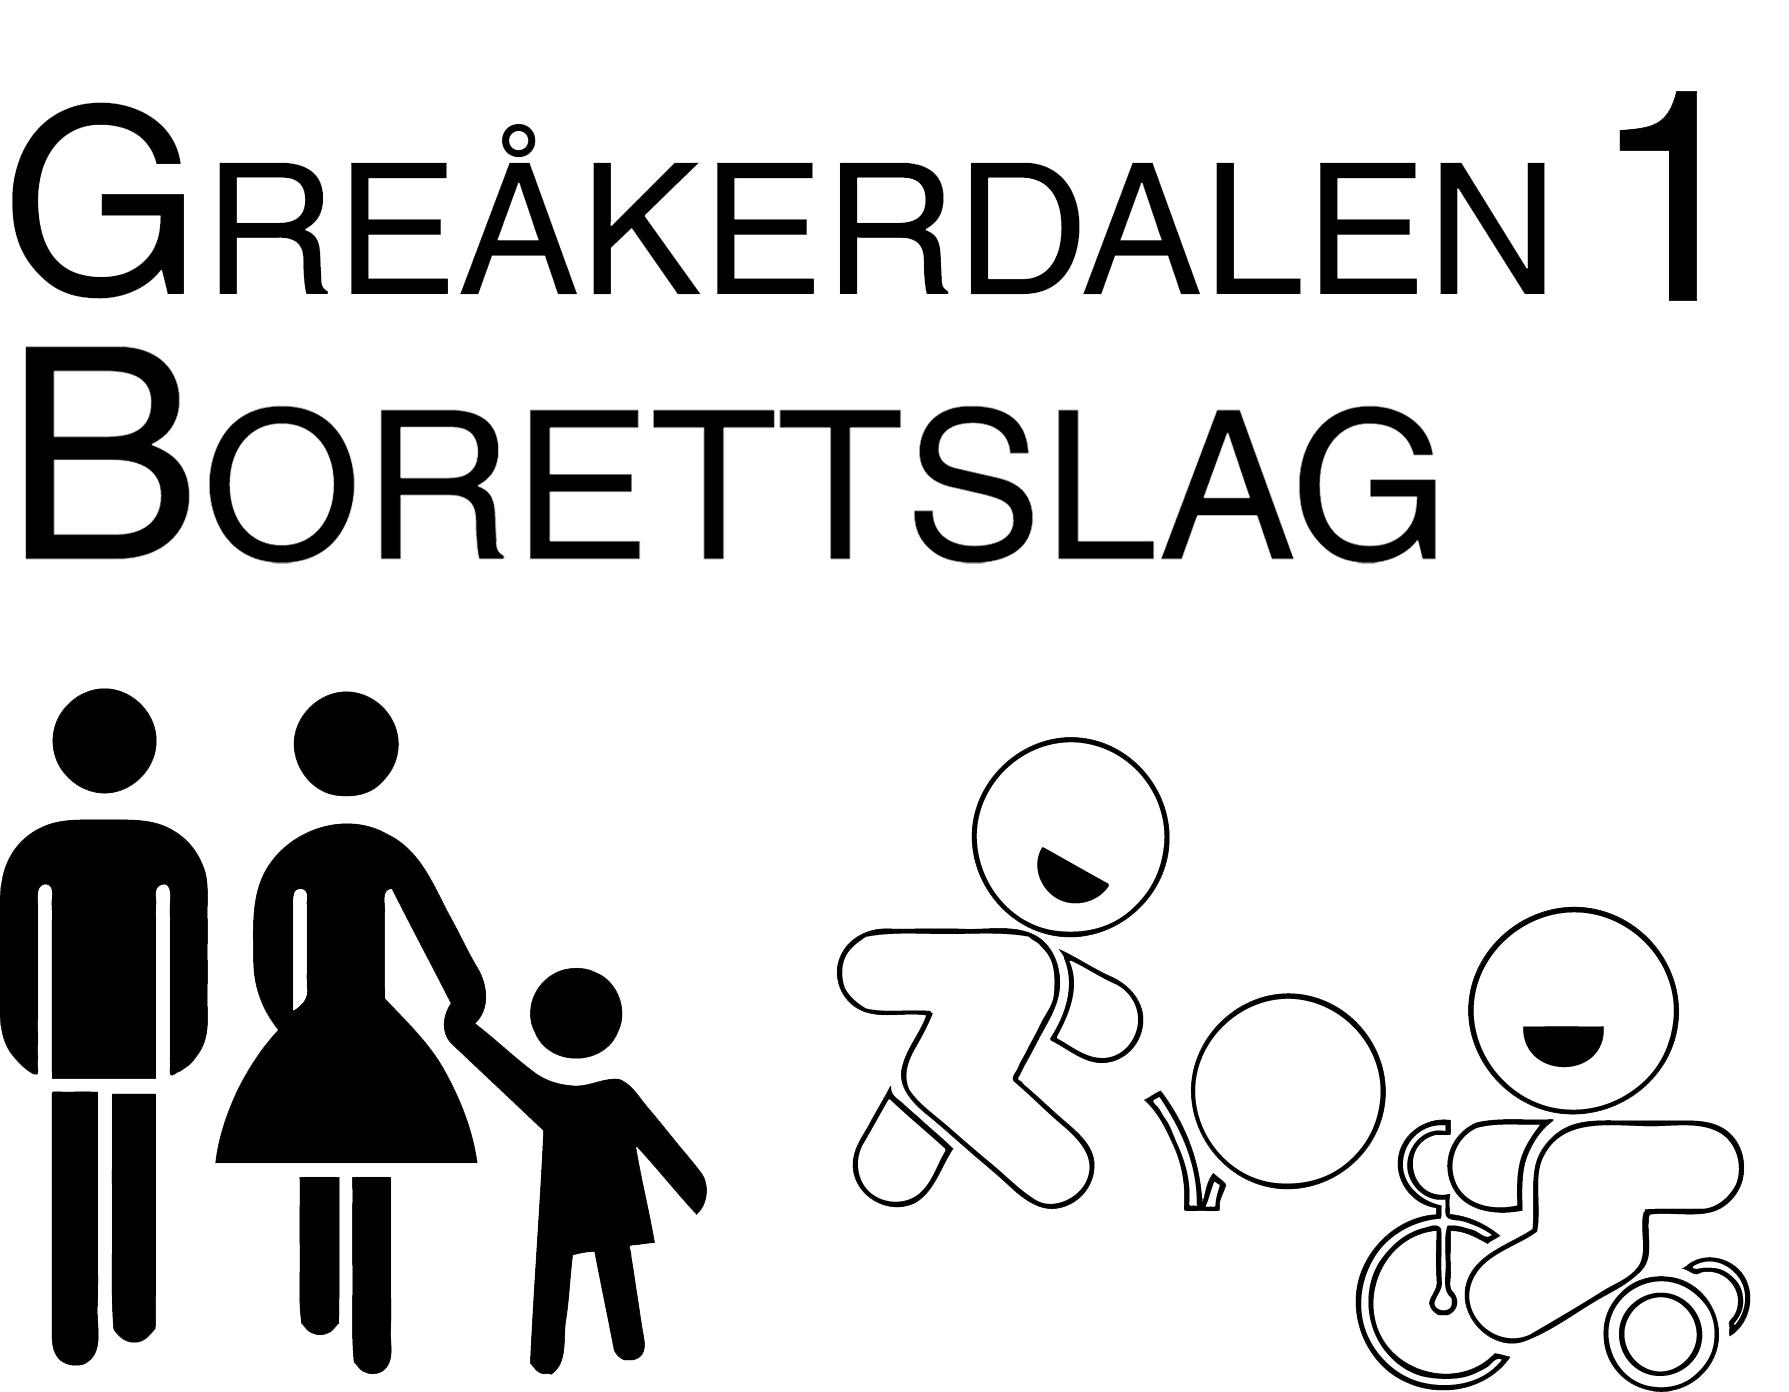 Greåkerdalen 1 Borettslag